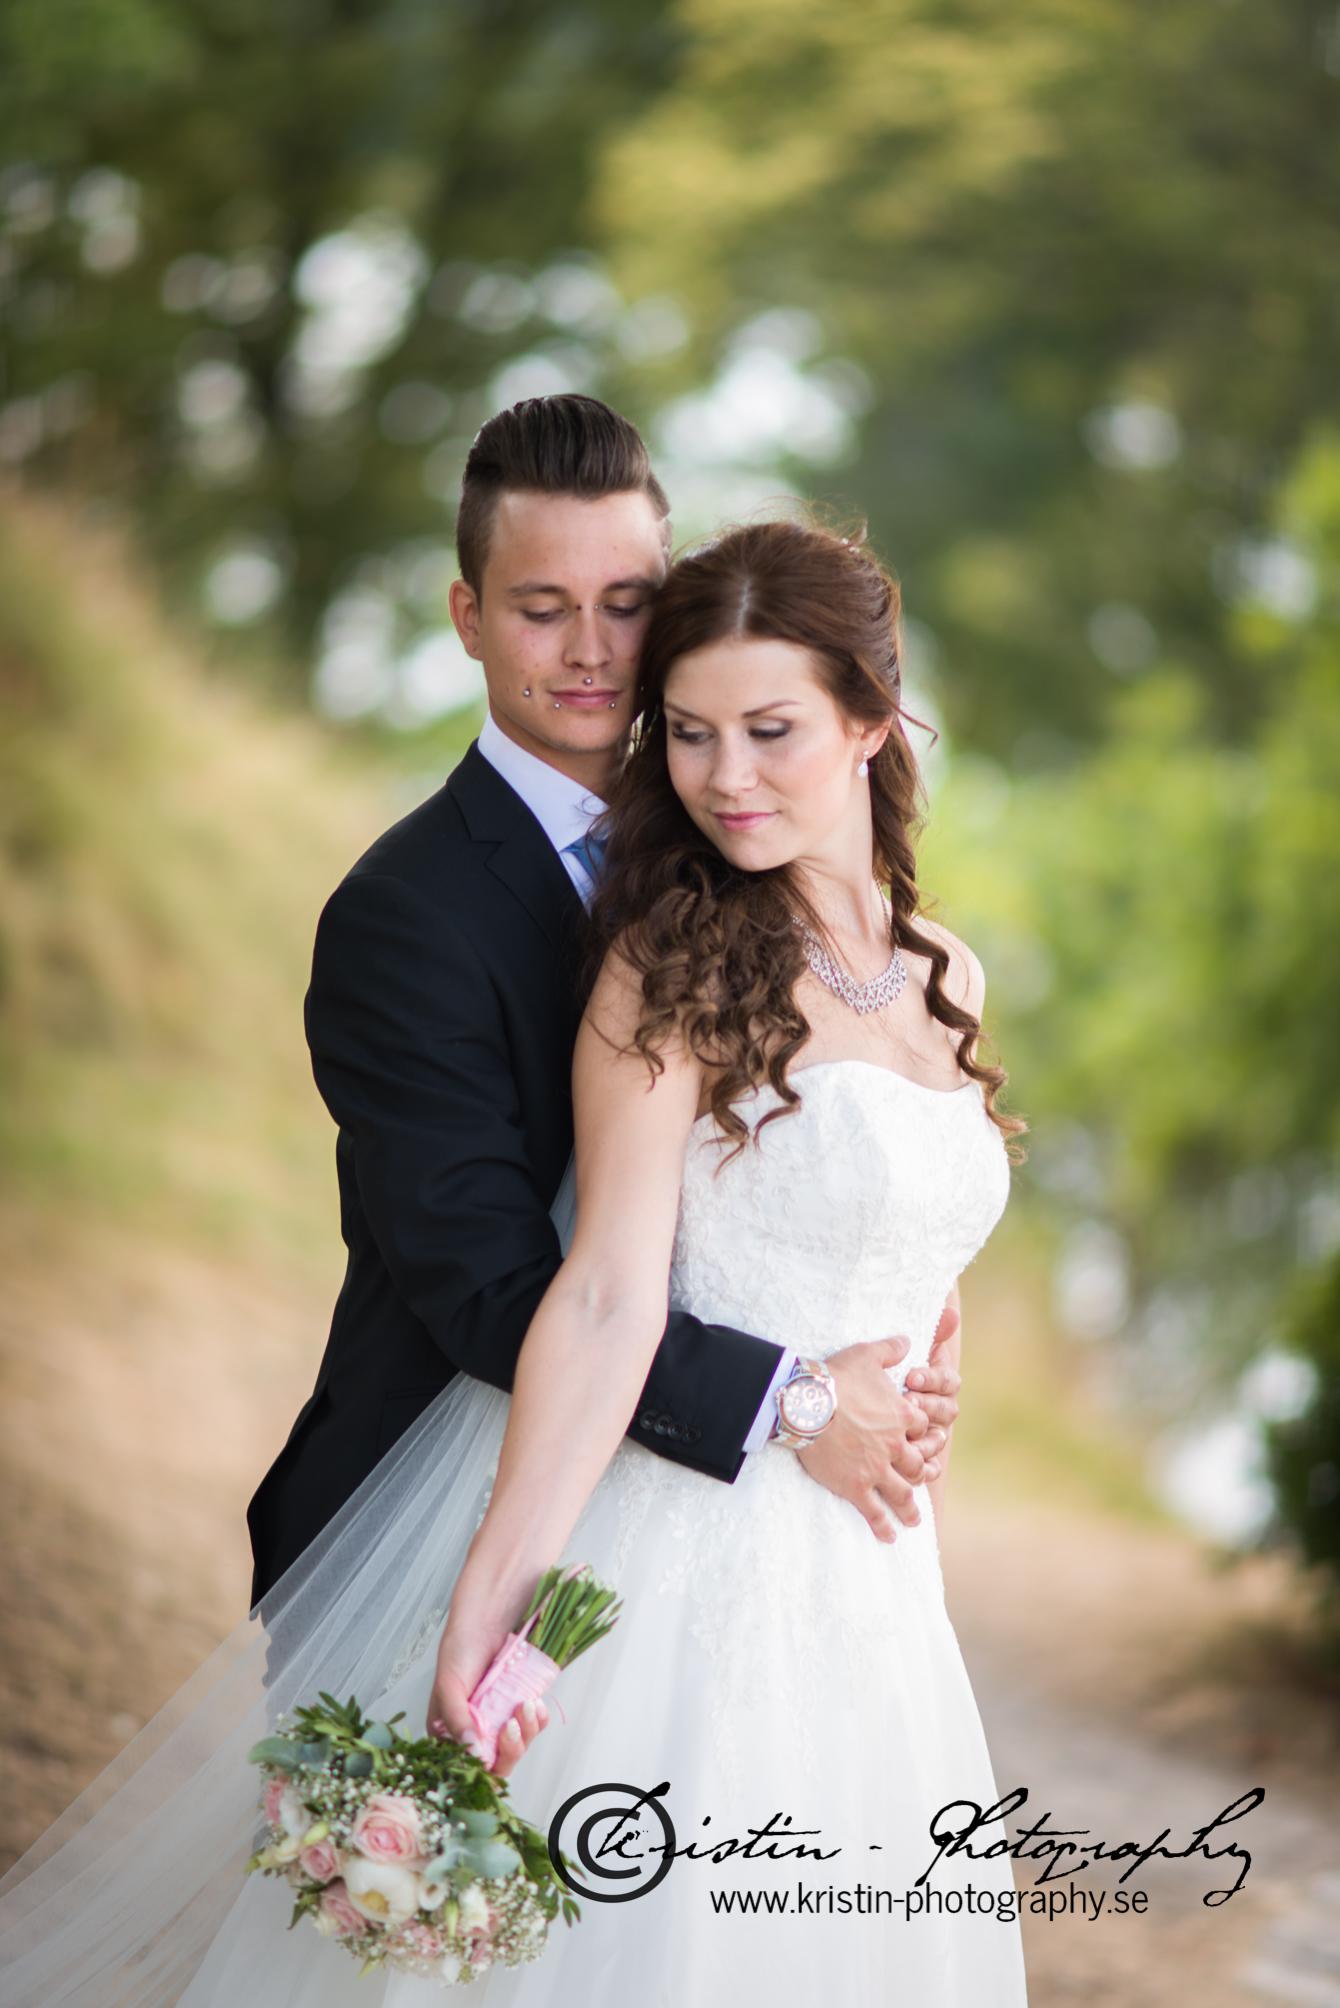 Bröllopsfotograf i Eskilstuna, Kristin - Photography, weddingphotographer -293.jpg